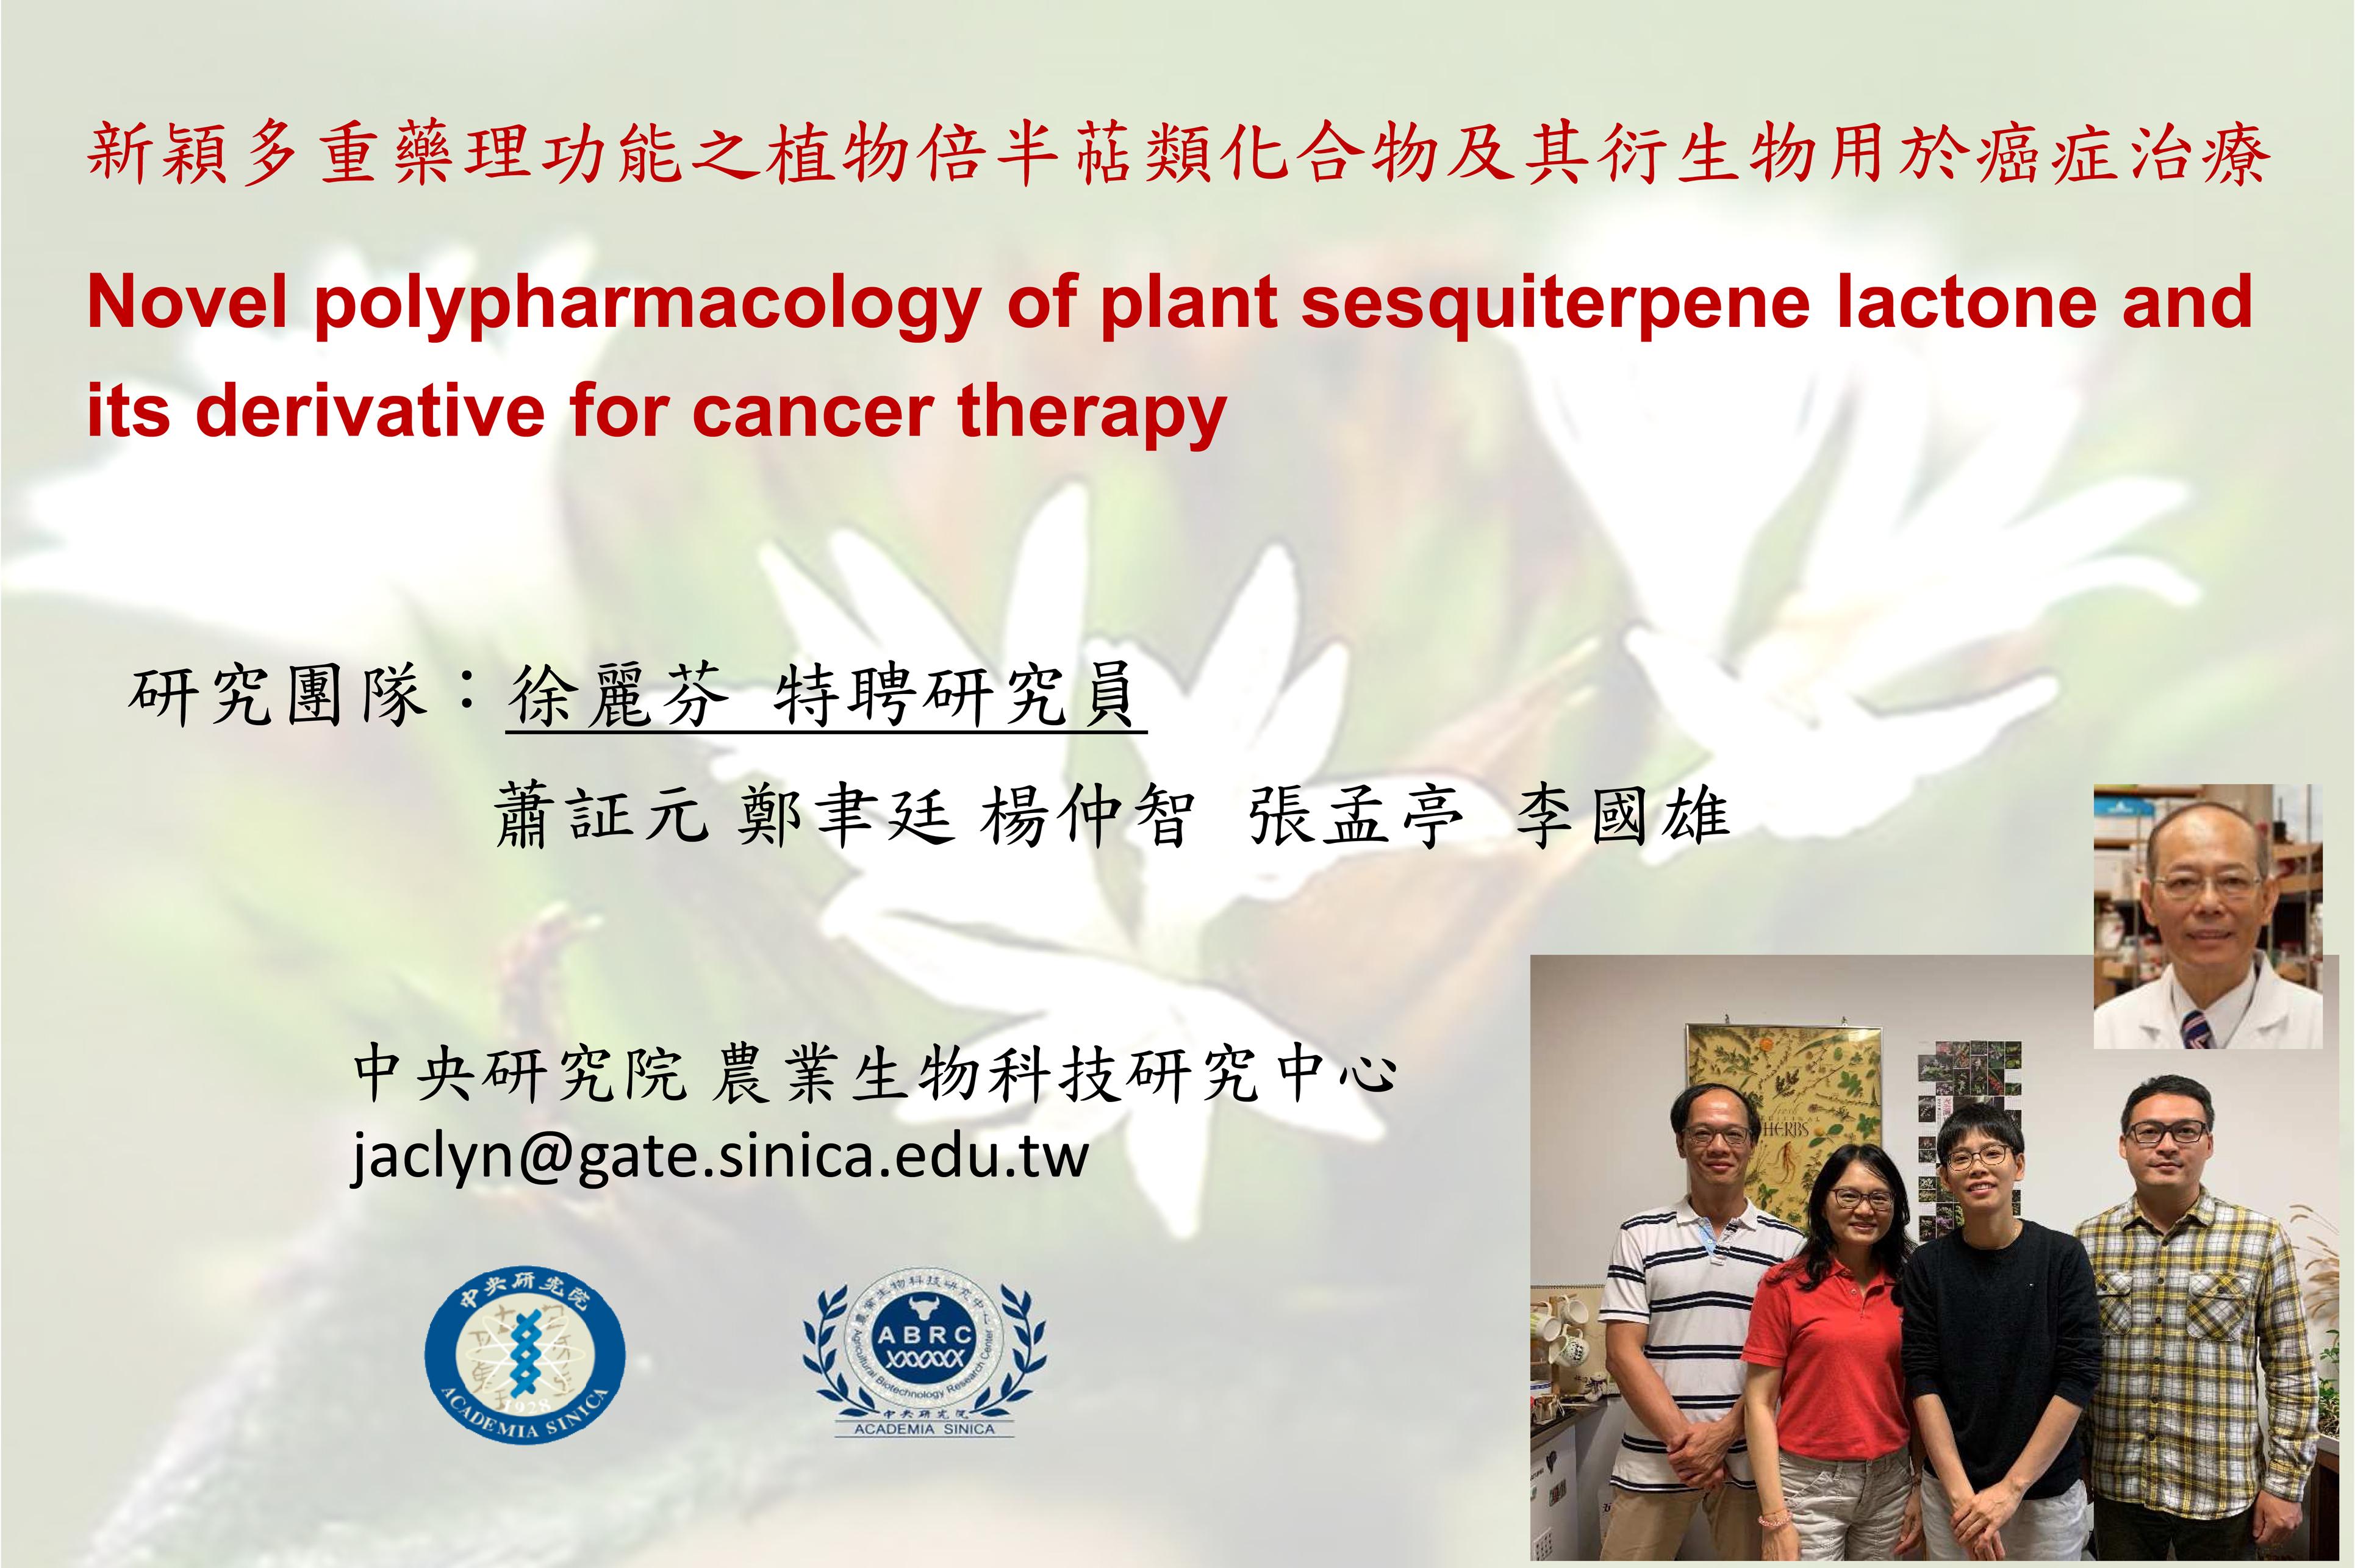 新穎多重藥理功能之植物倍半萜類化合物及其衍生物用於癌症治療